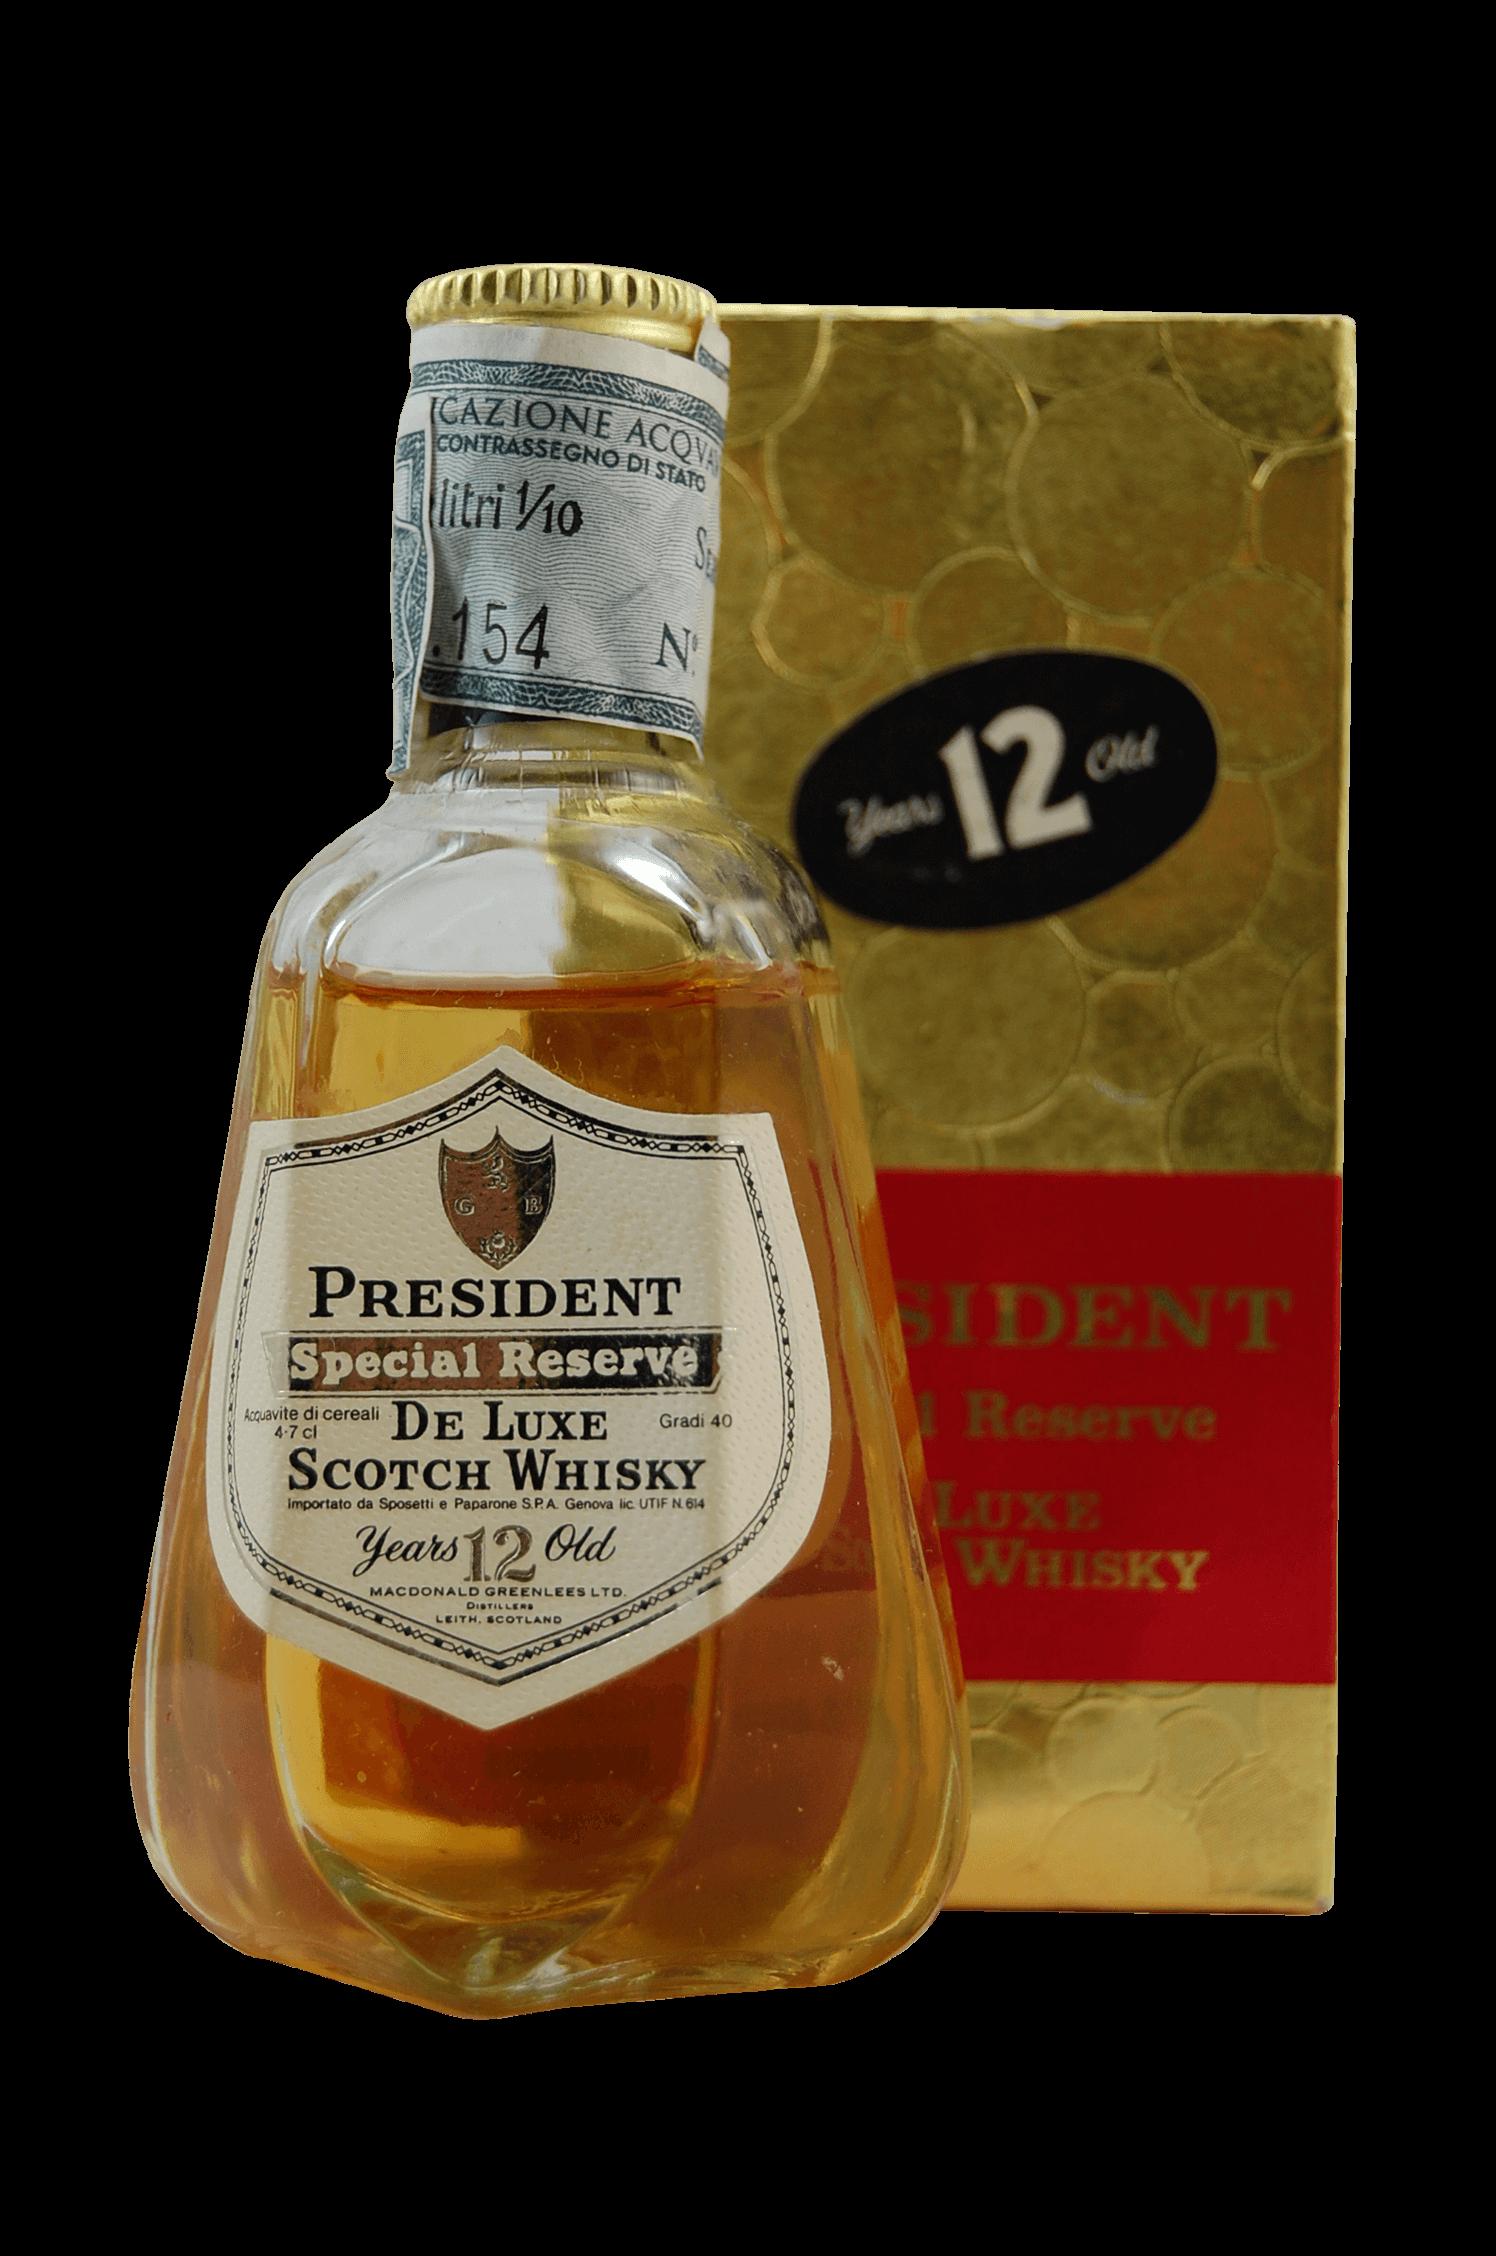 President De Luxe Scotch Whisky